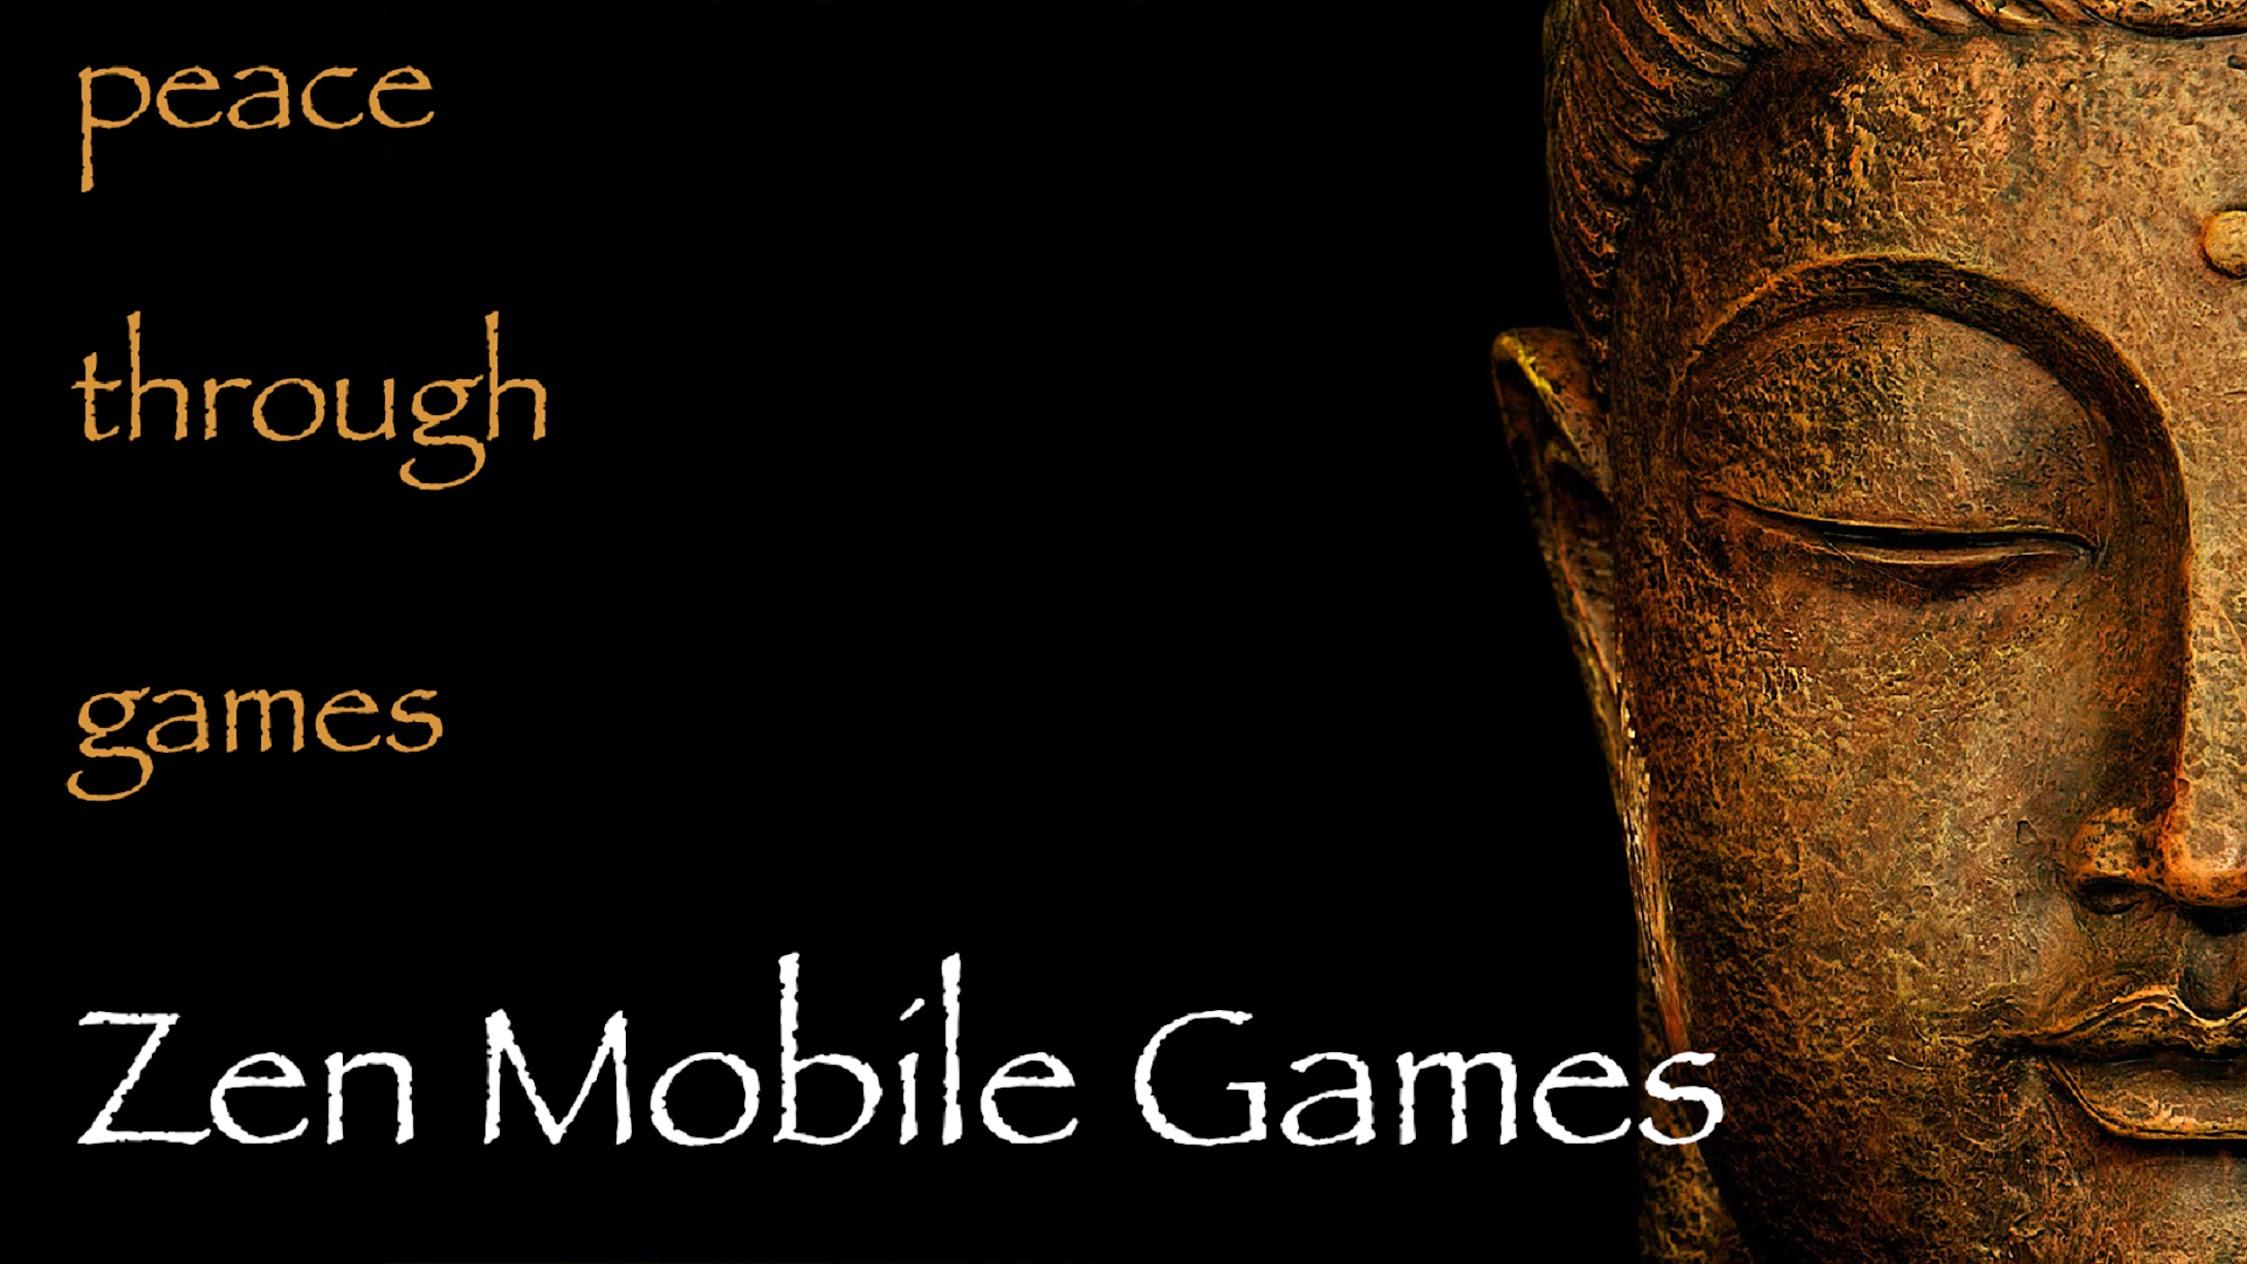 Zen Mobile Games